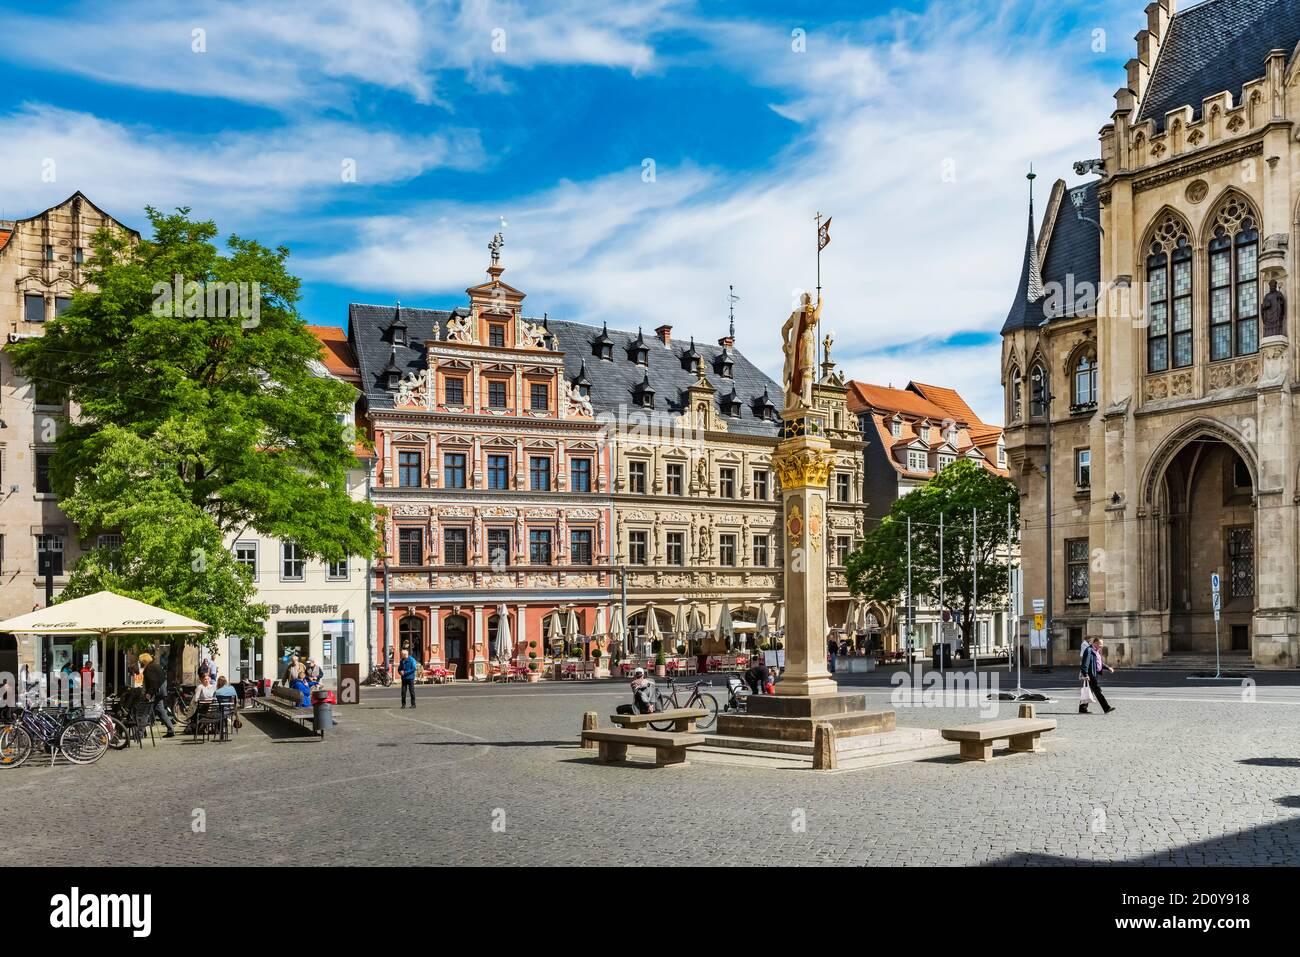 En Fischmarkt se encuentran los edificios del ayuntamiento (derecha) y el 'Haus zum Breiten hato' (izquierda), Erfurt, Turingia, Alemania, Europa Foto de stock